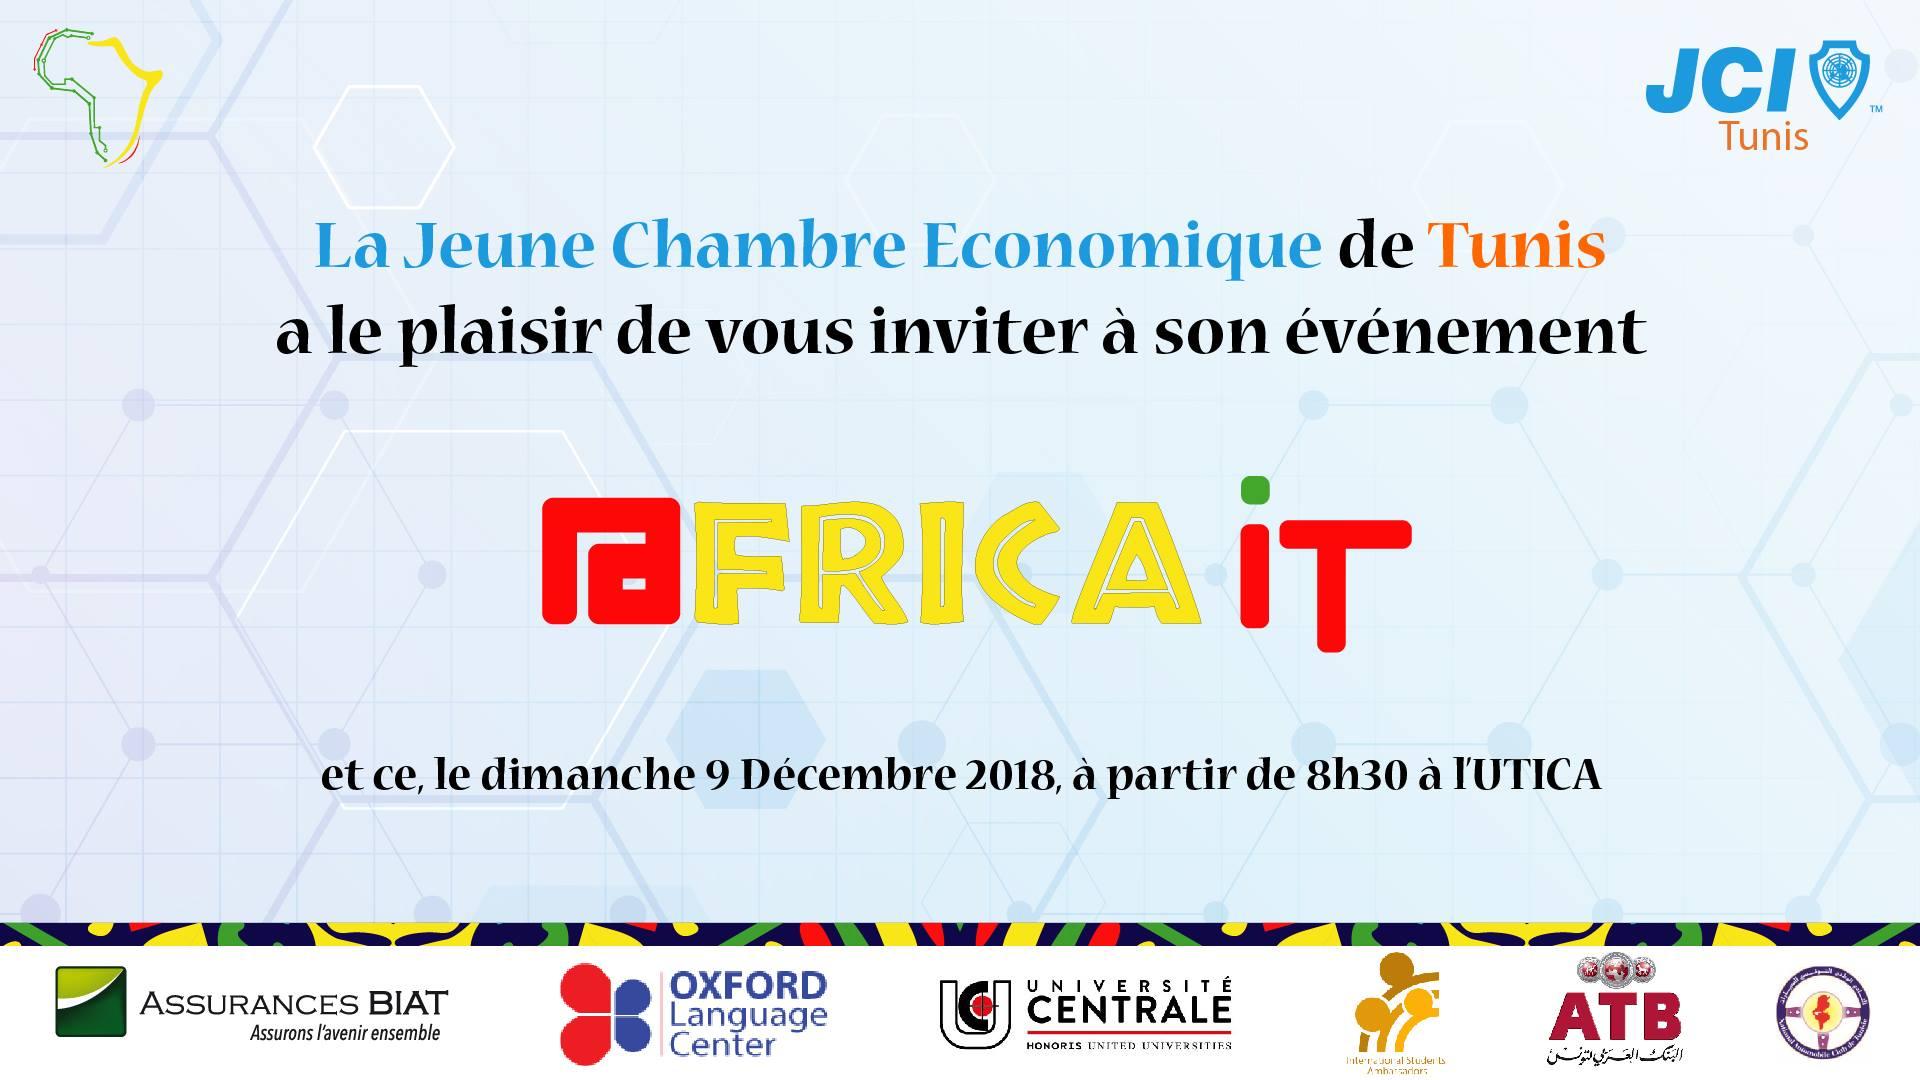 Conférence Africa IT pour l'Innovation Technologique